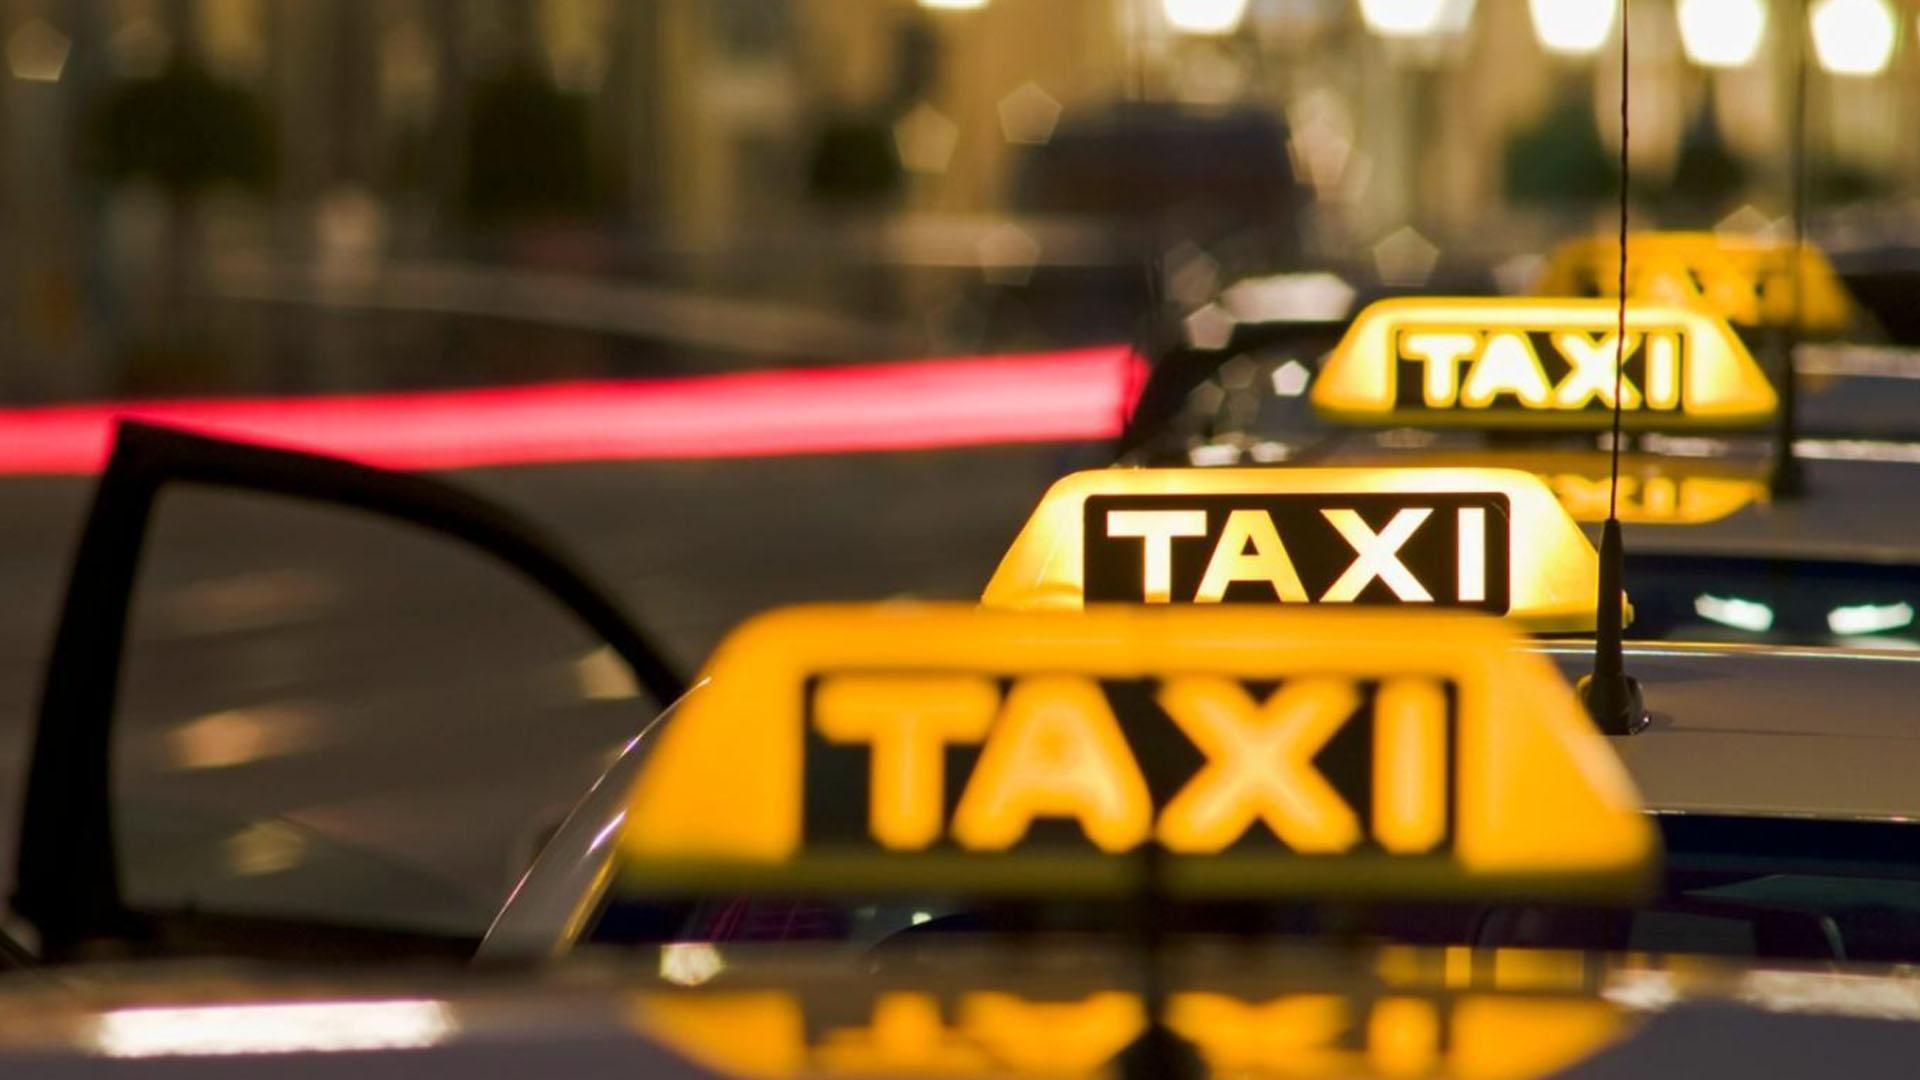 Таксопарки и водители бьют тревогу из-за принуждений к бойкоту